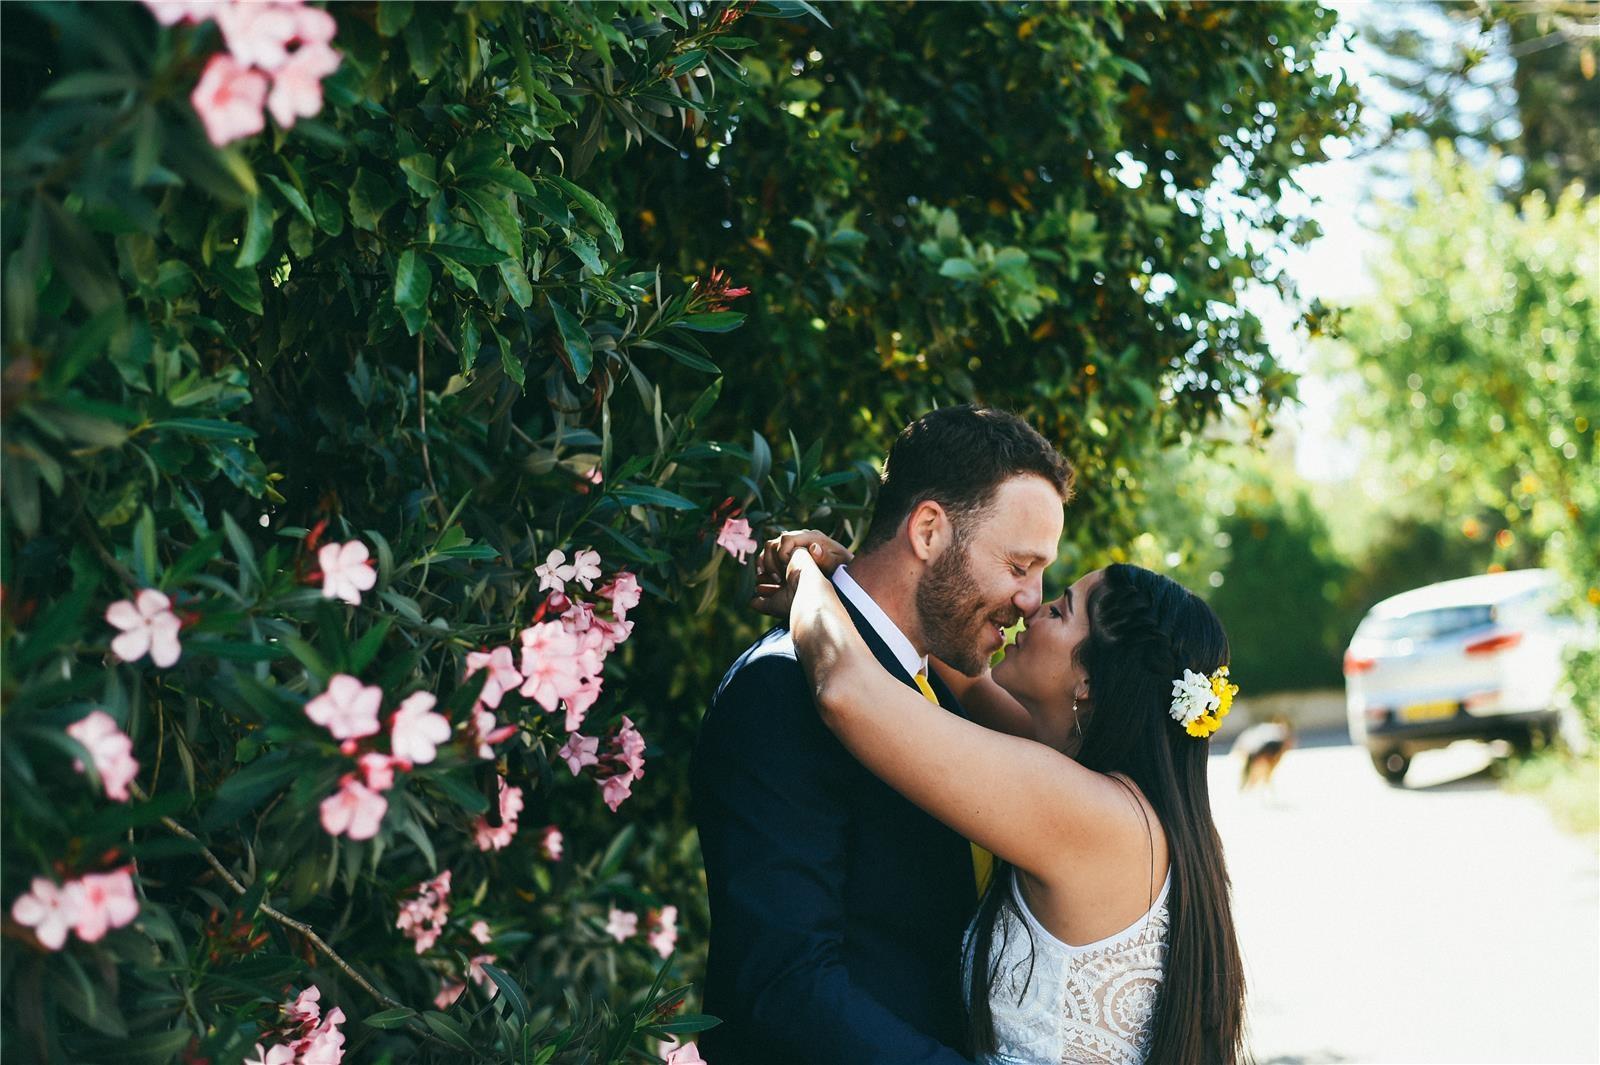 חתונה בצל החורש (צילום: ברי חיון)